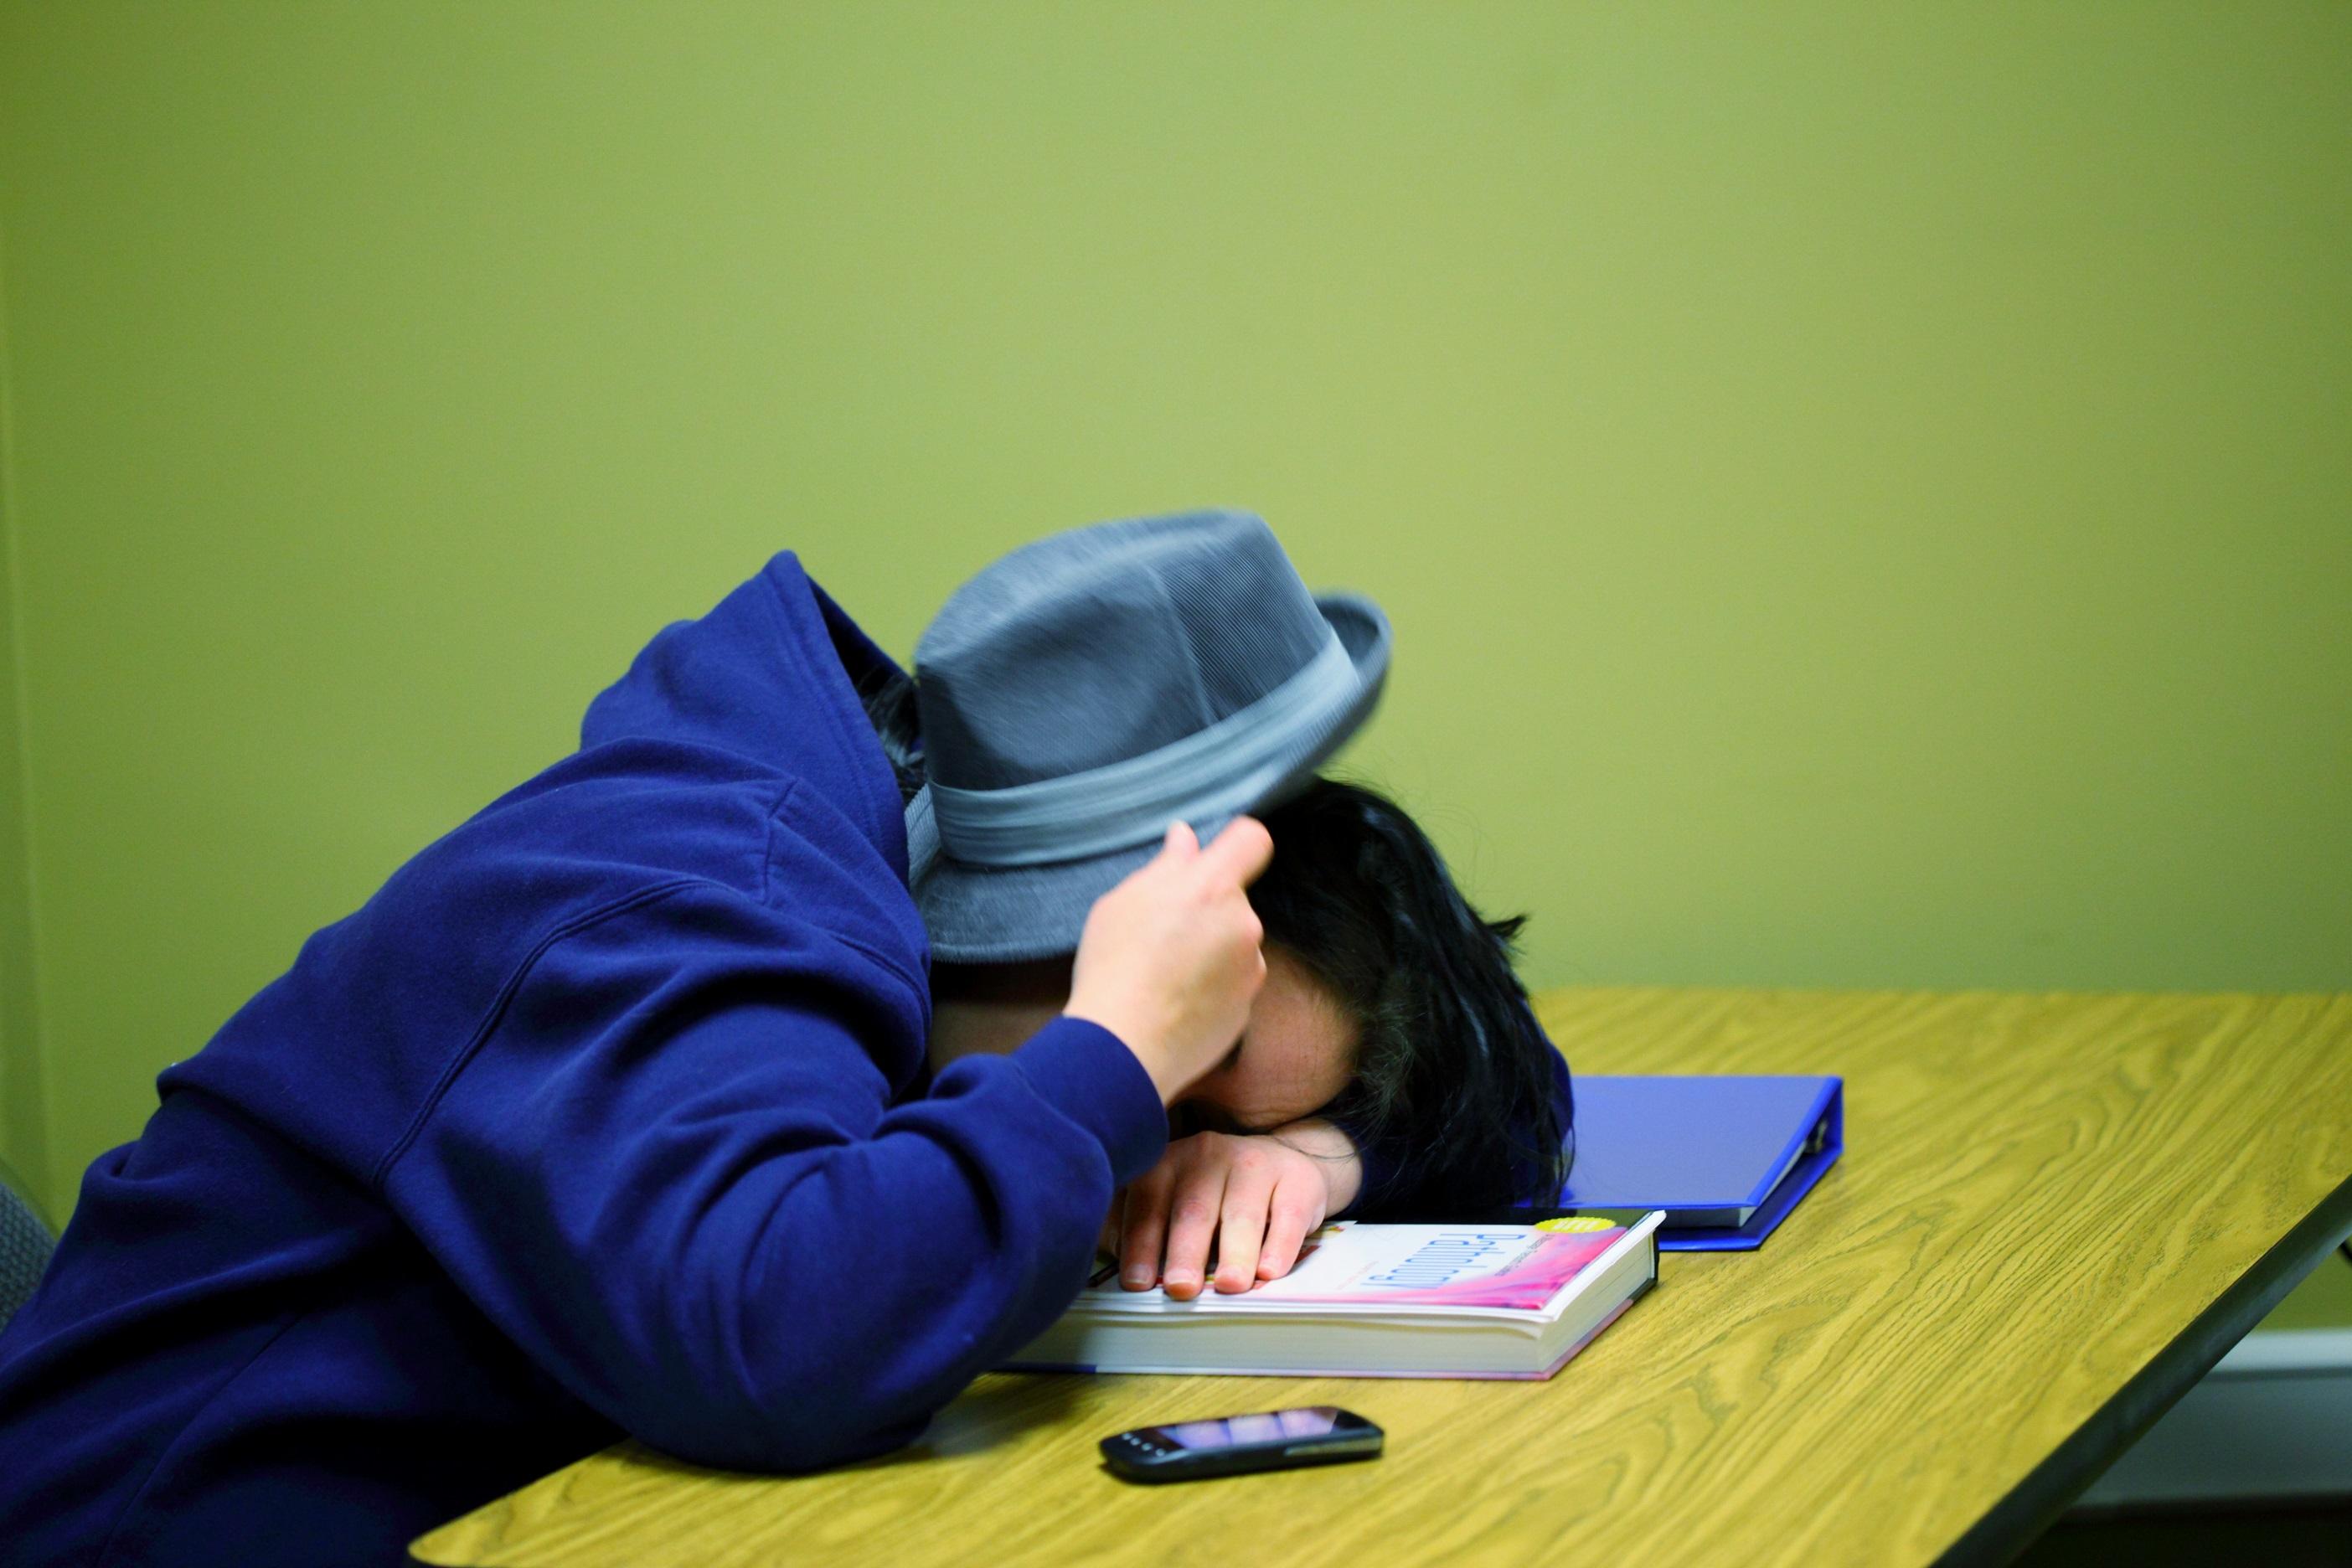 Studente addormentato sul libro